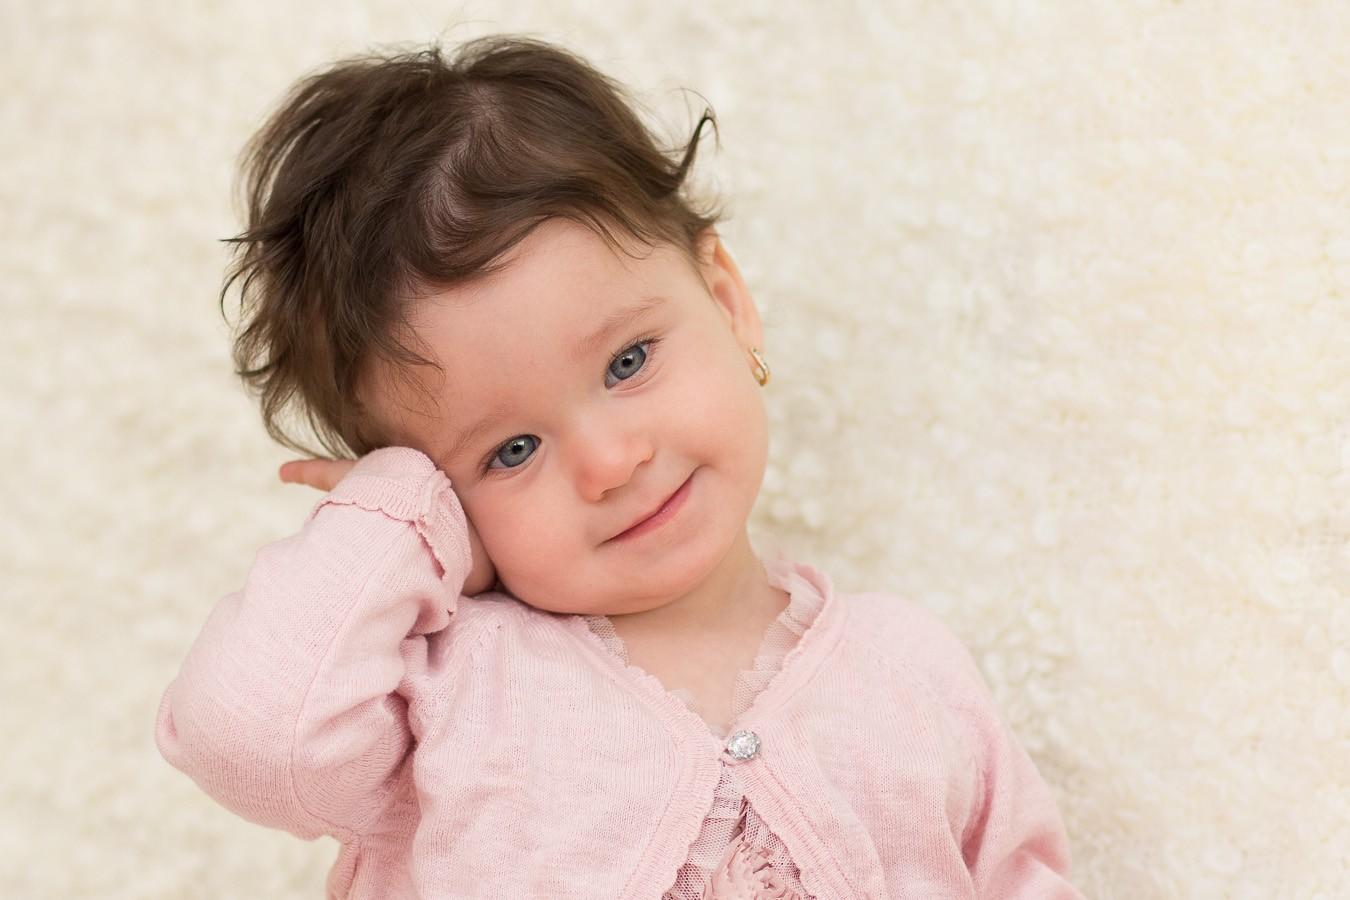 Fotografie copii - Ioana | Fotograf Catalin Enache